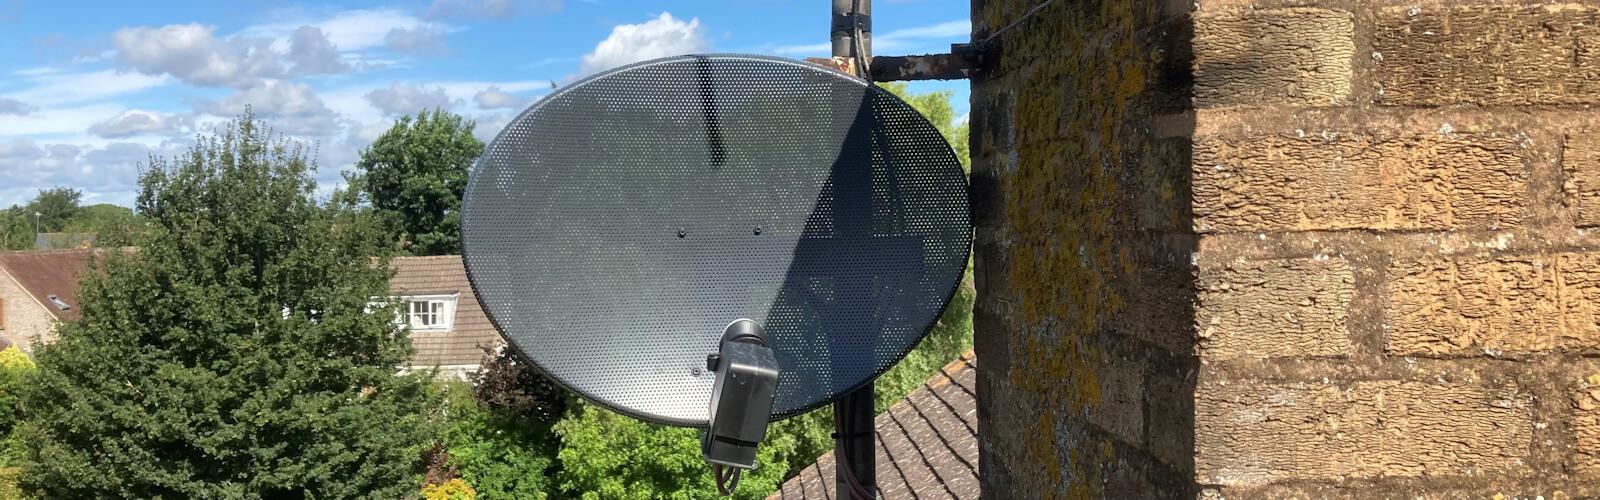 Sky & Freesat